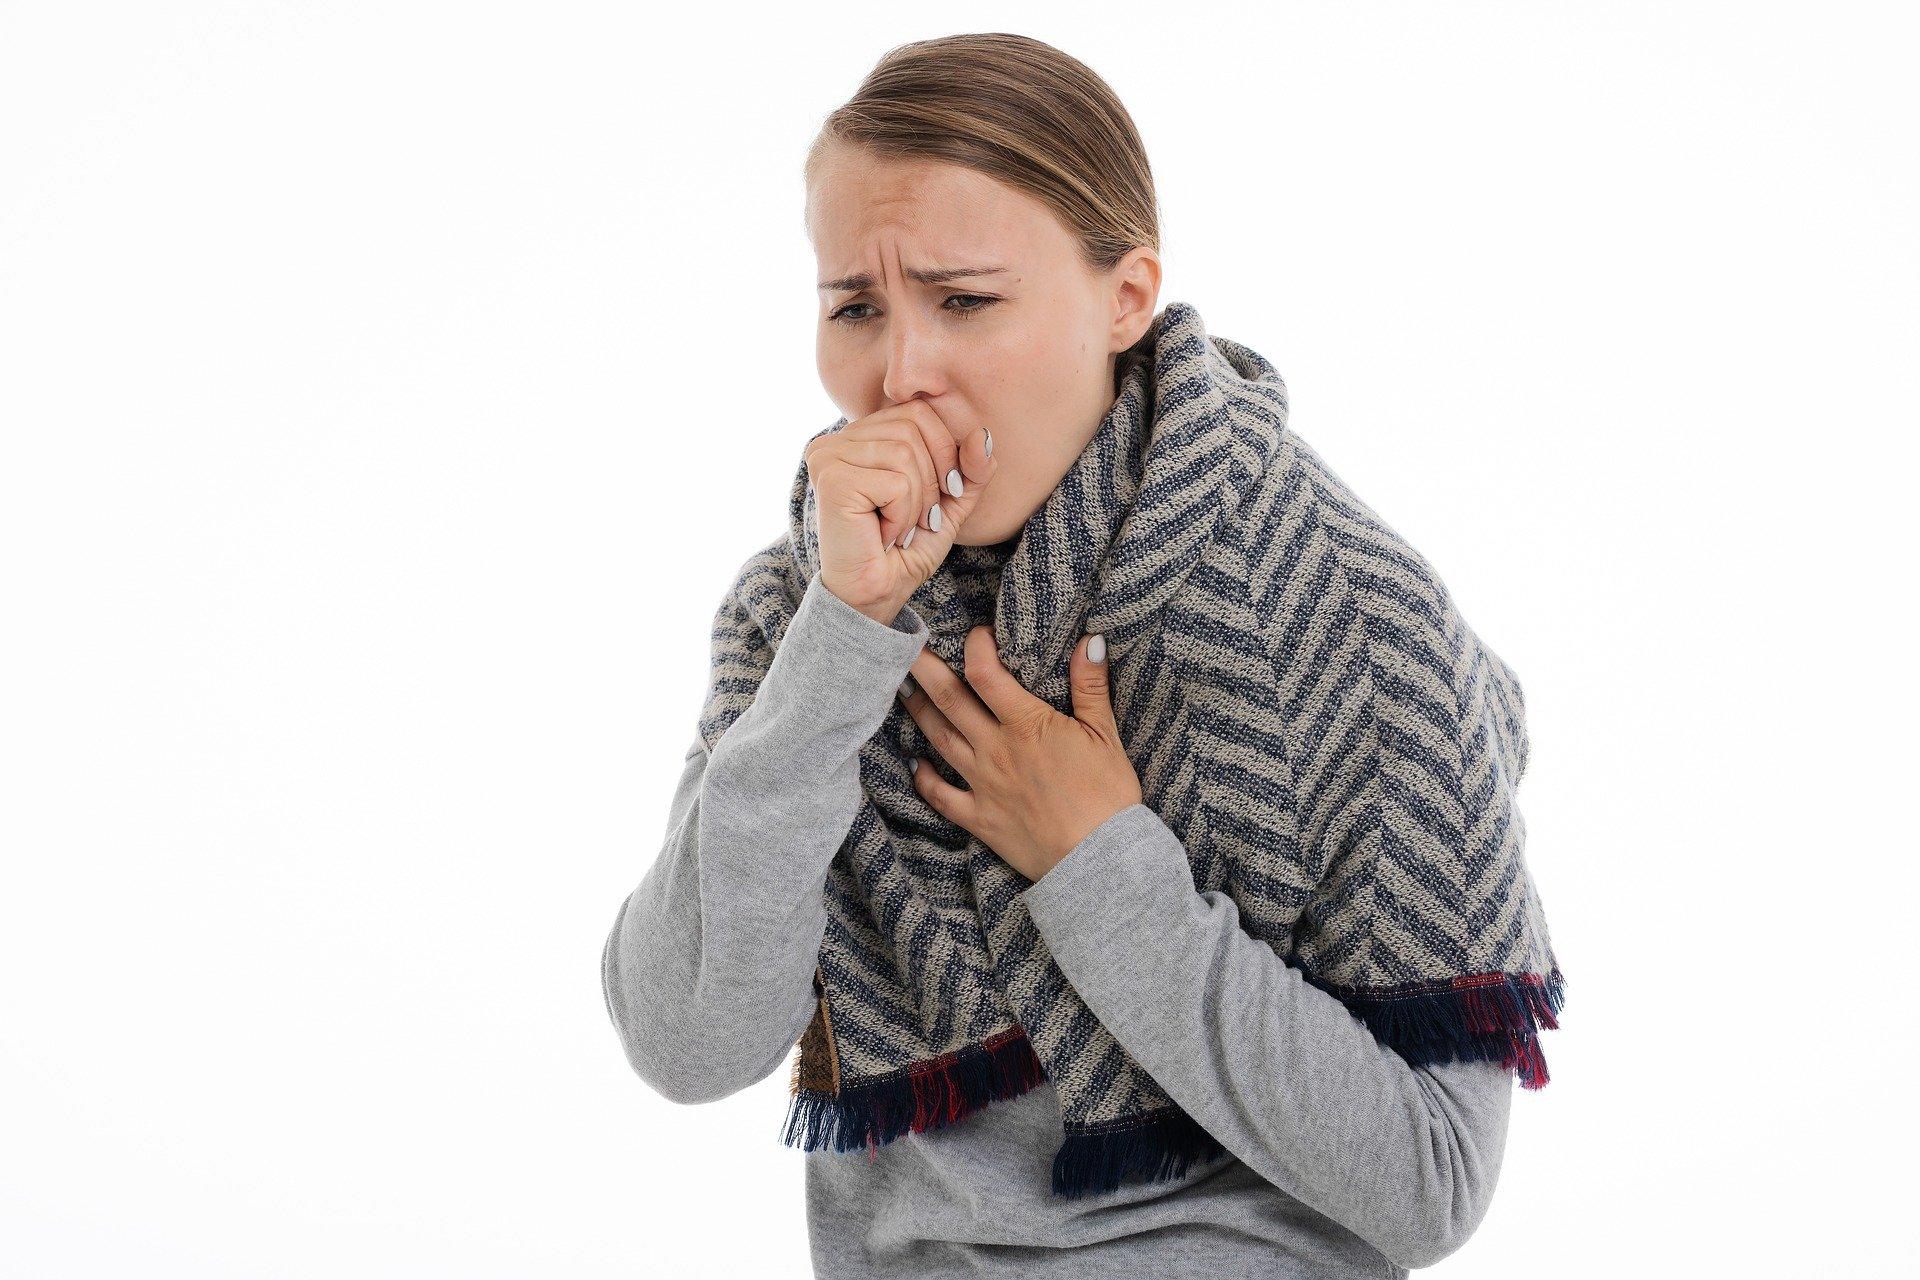 الحساسية إحدى الأمراض المنتشرة بكثرة، مزعجة جدّاً و لكنّها لا تهدّد حياتك